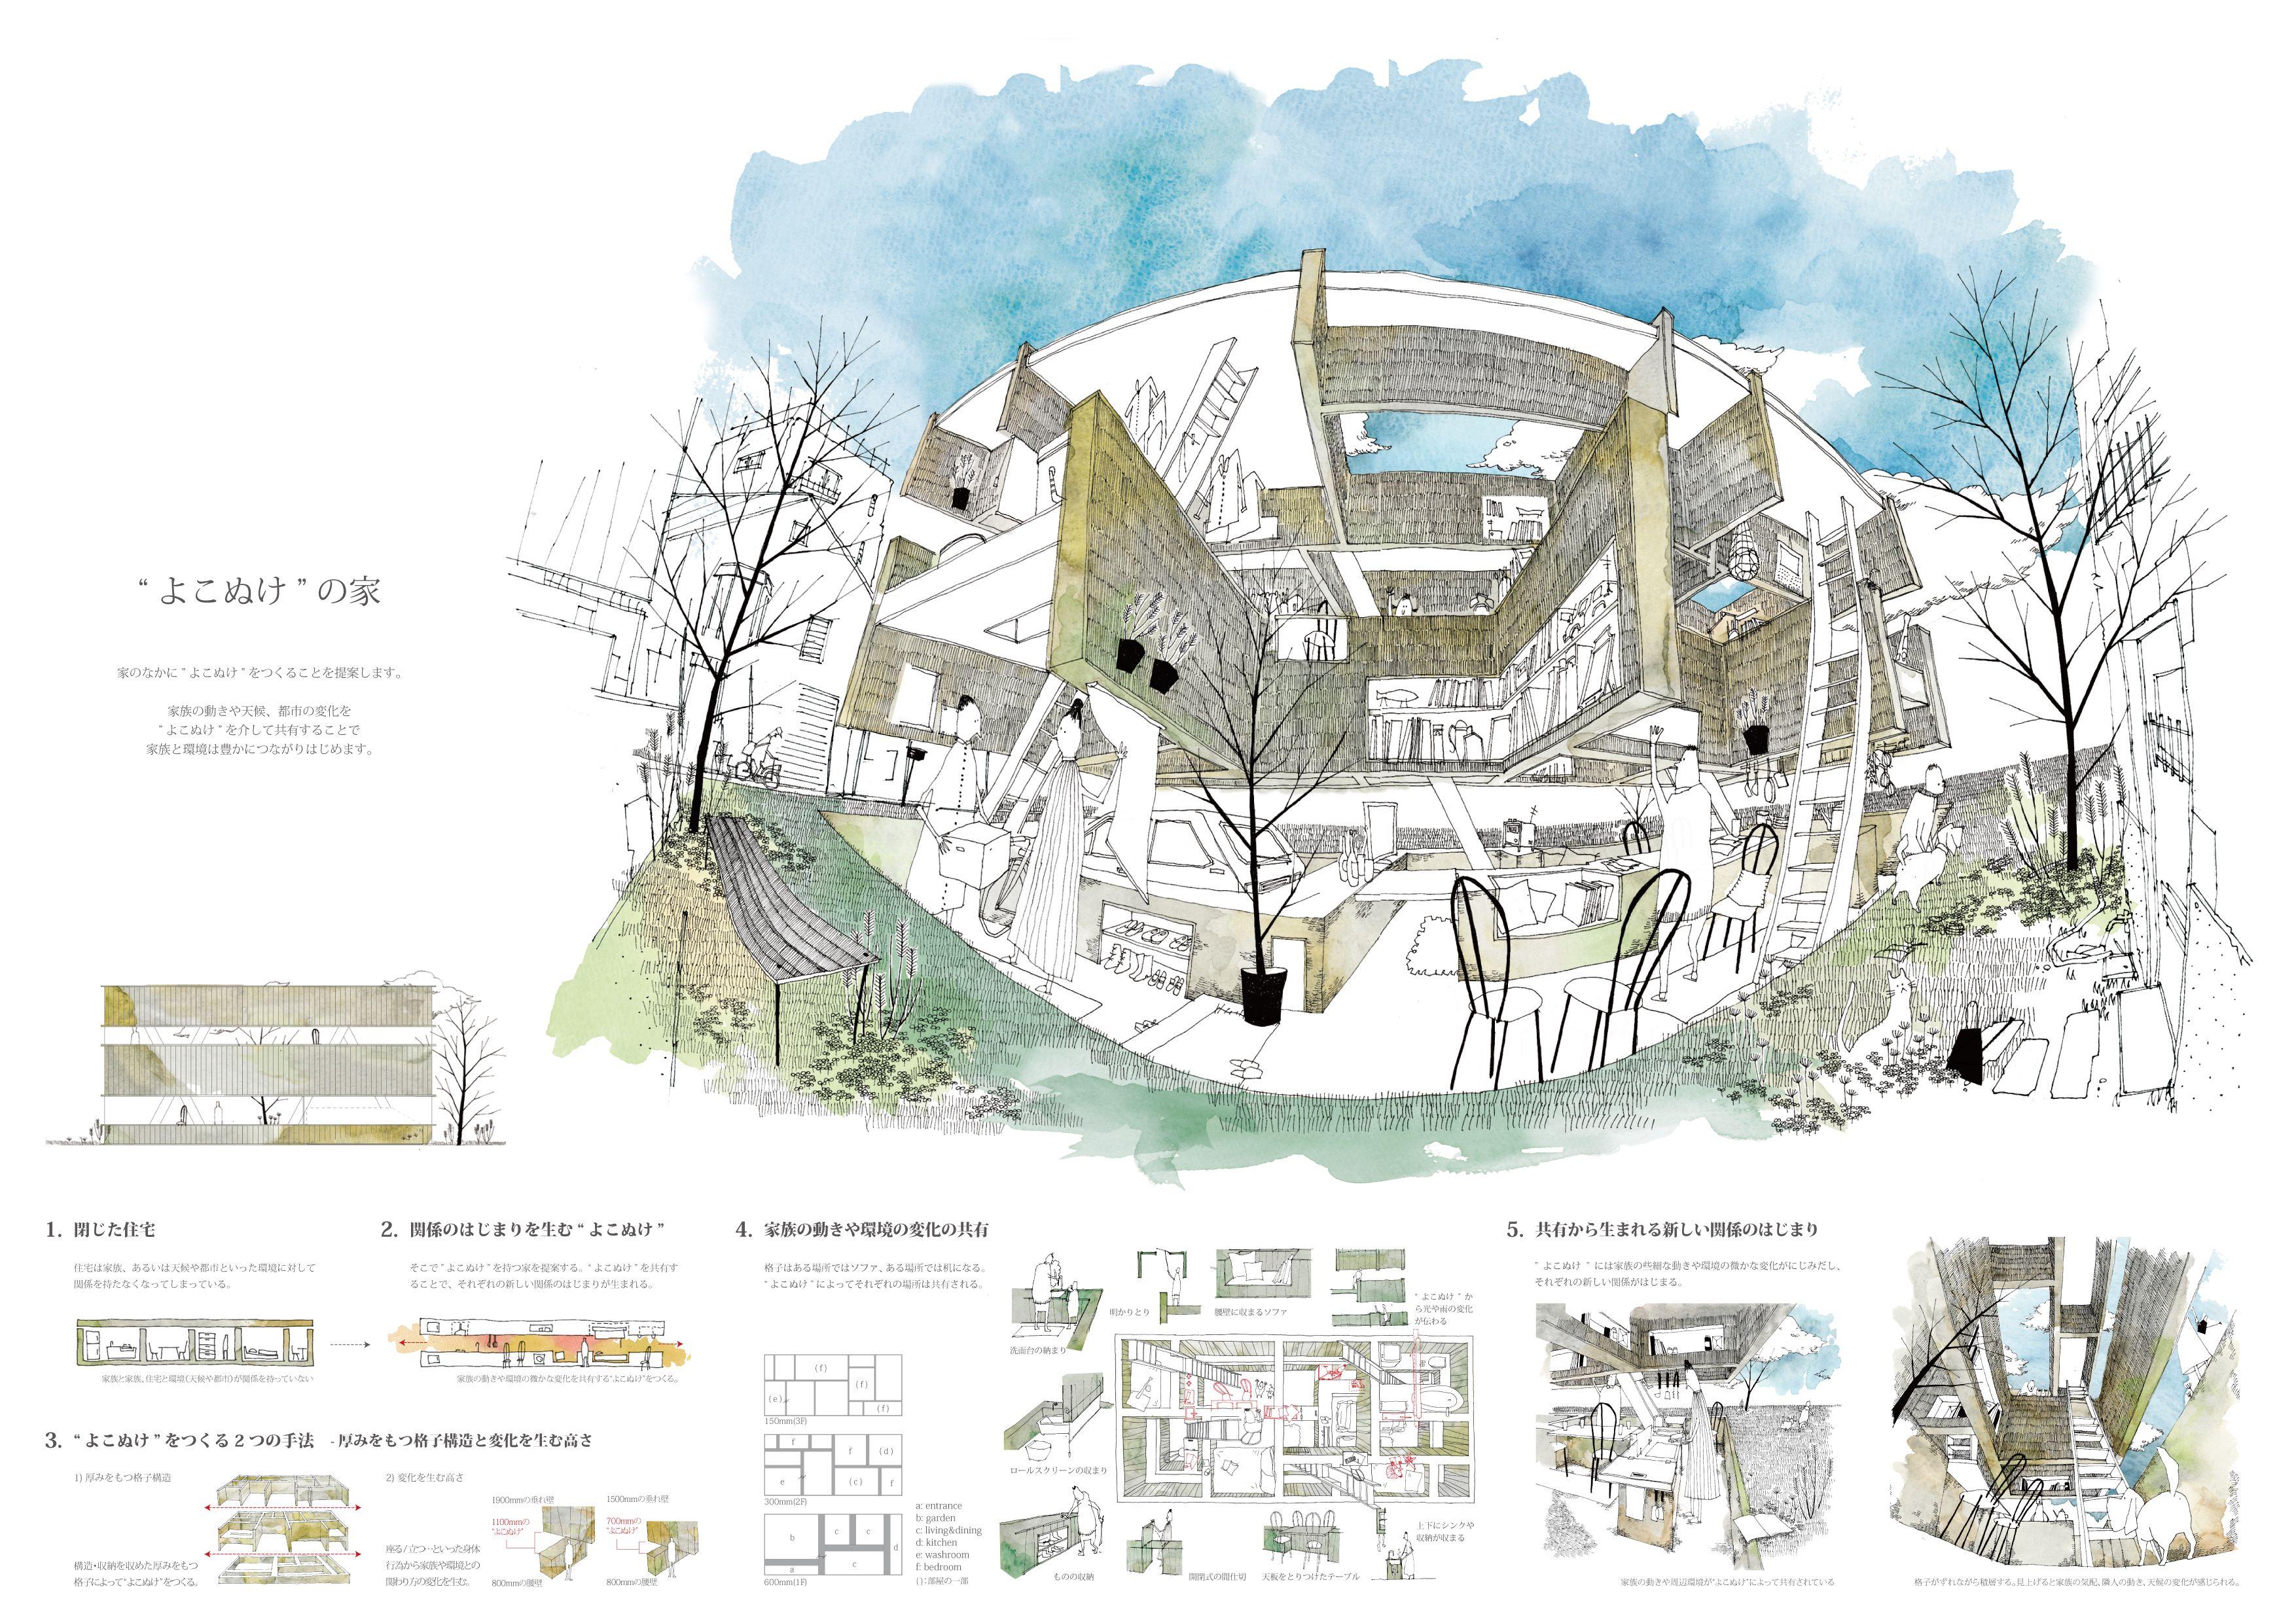 ケンチクイラストレーター イスナデザイン よこぬけの家 建築